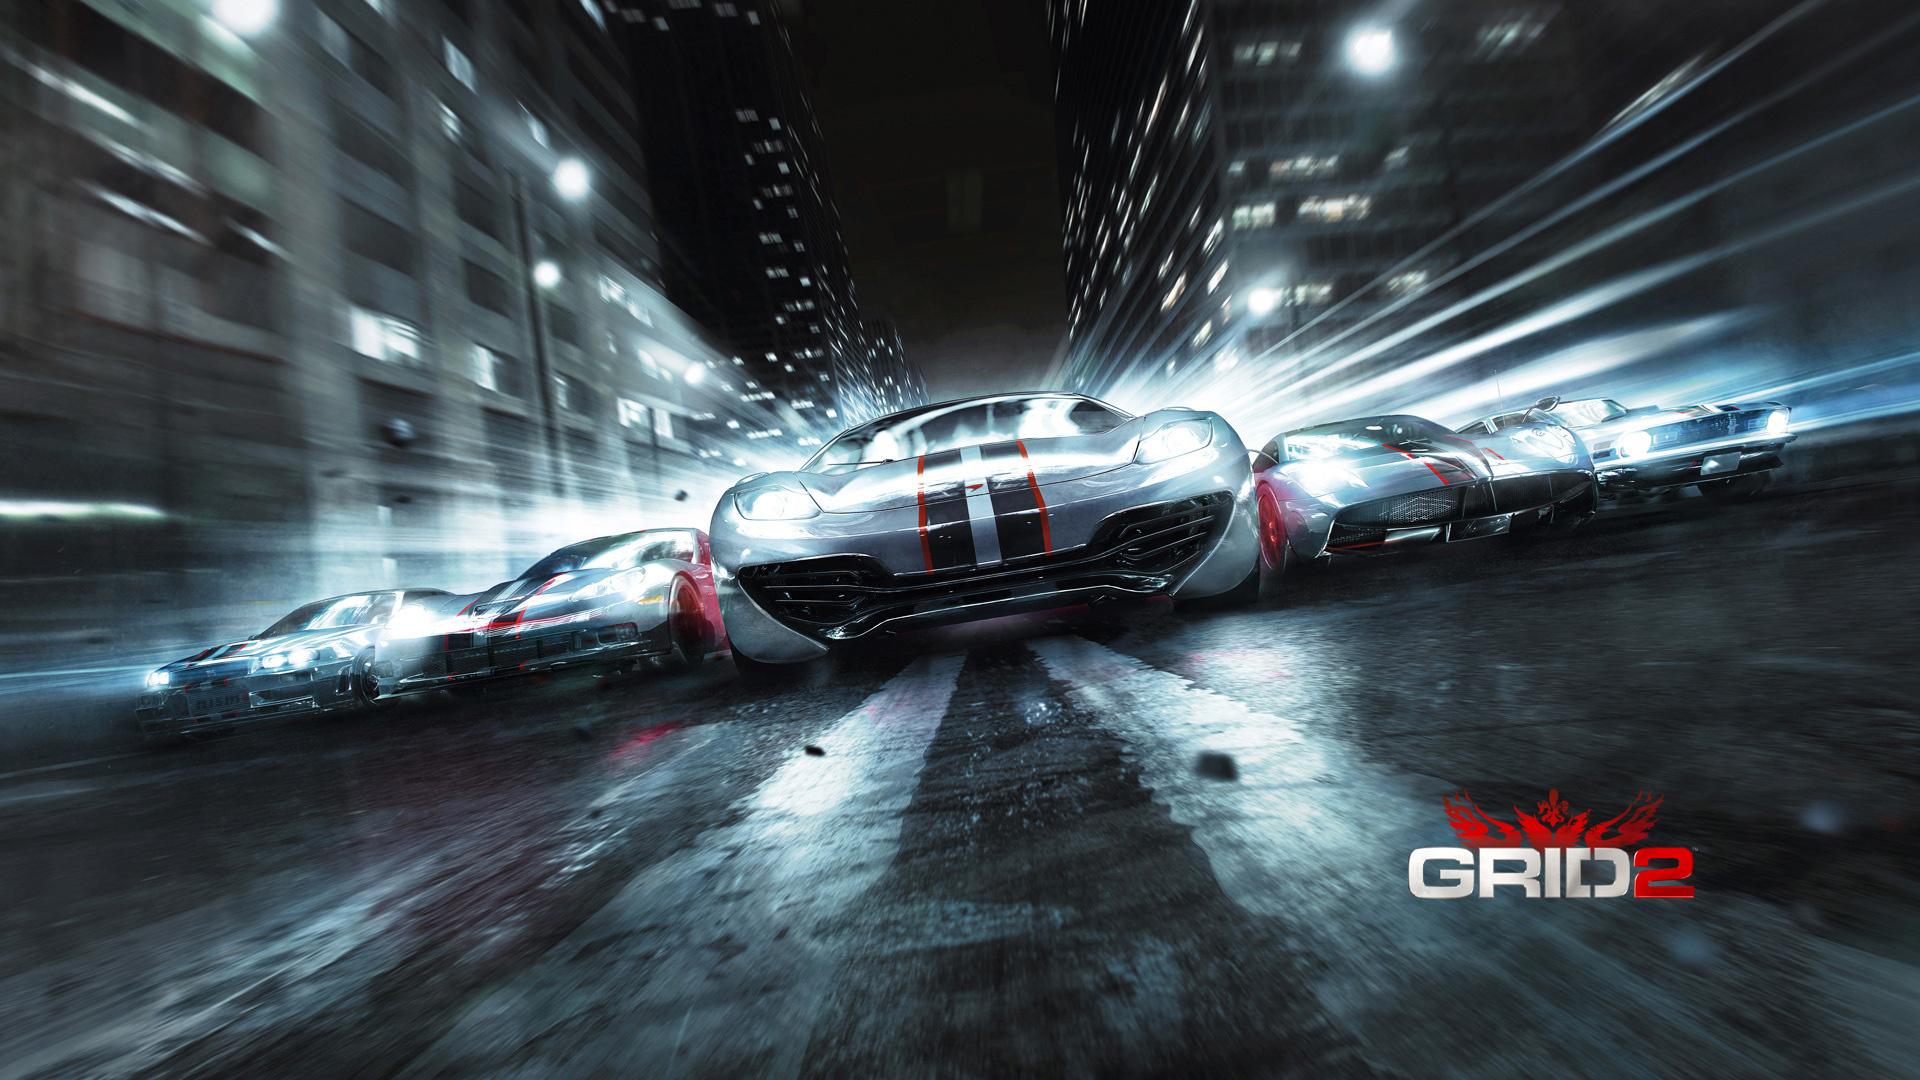 2013 grid 2 game